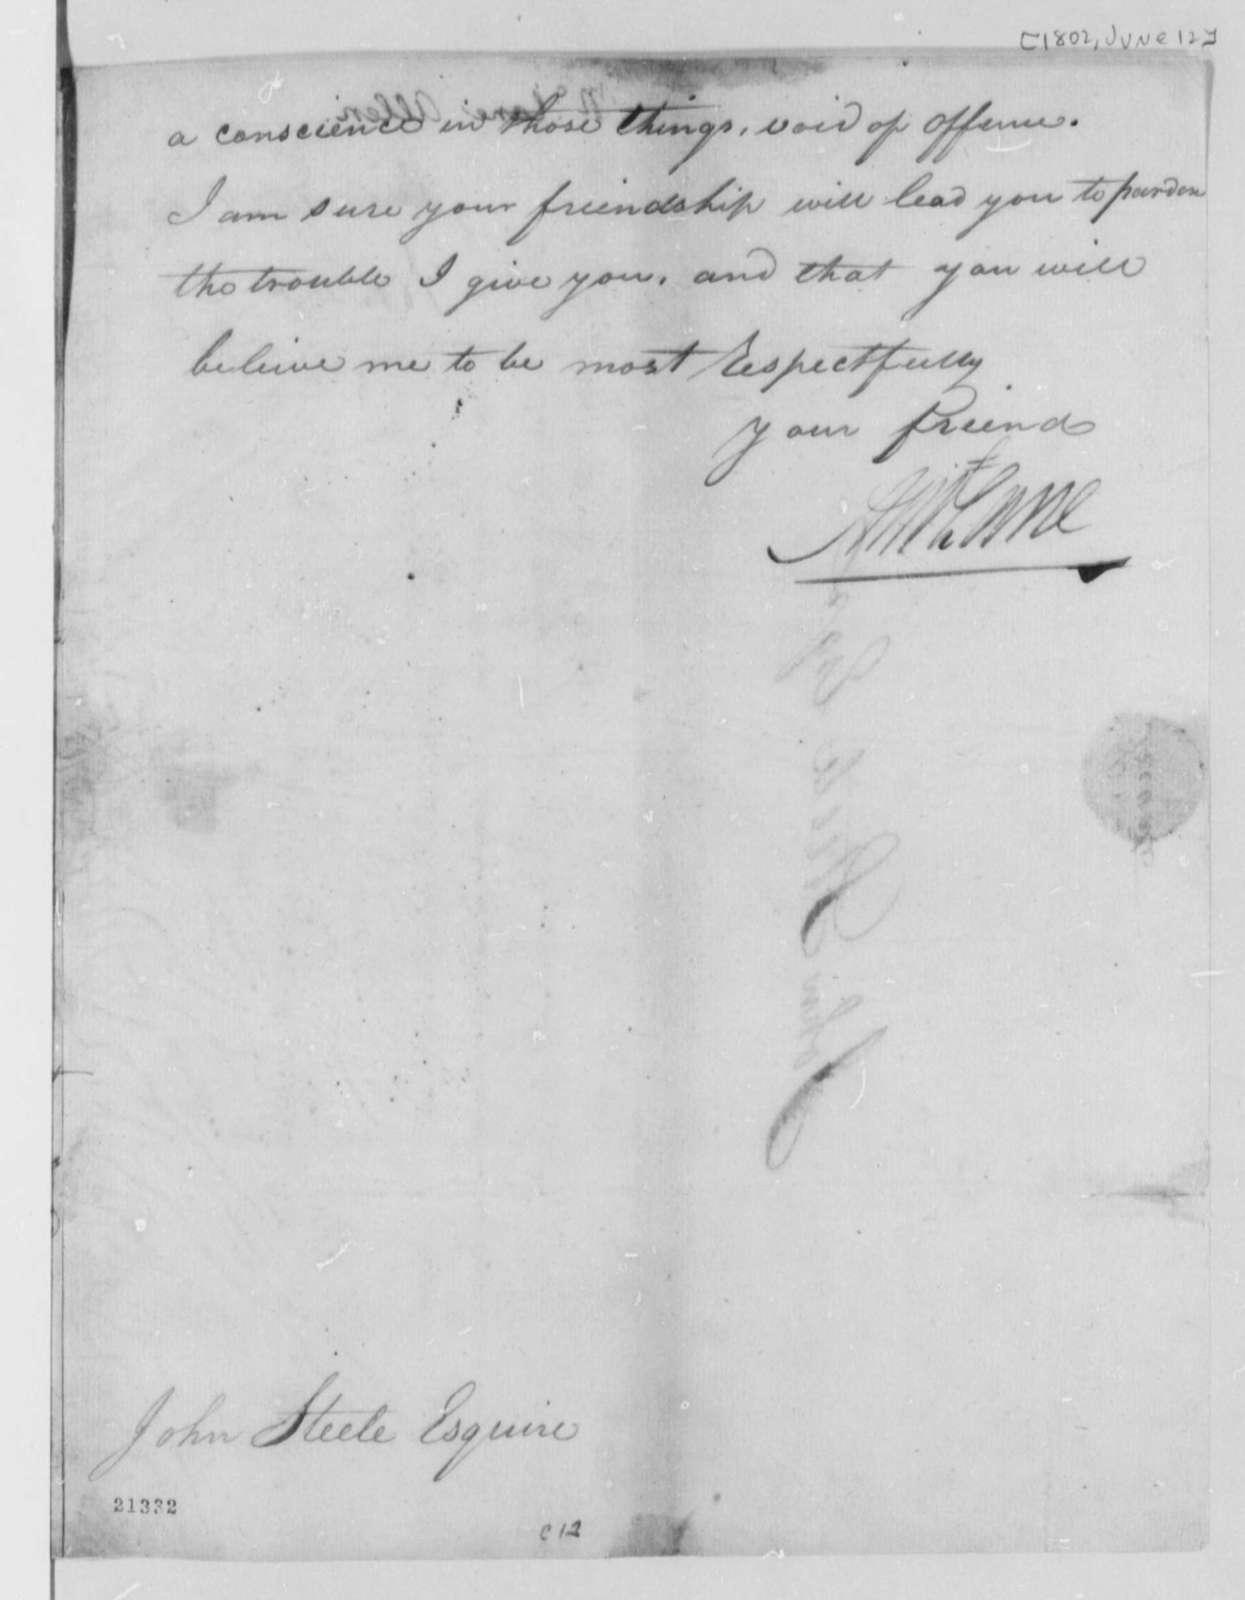 Allen McLane to John Steele, June 12, 1802